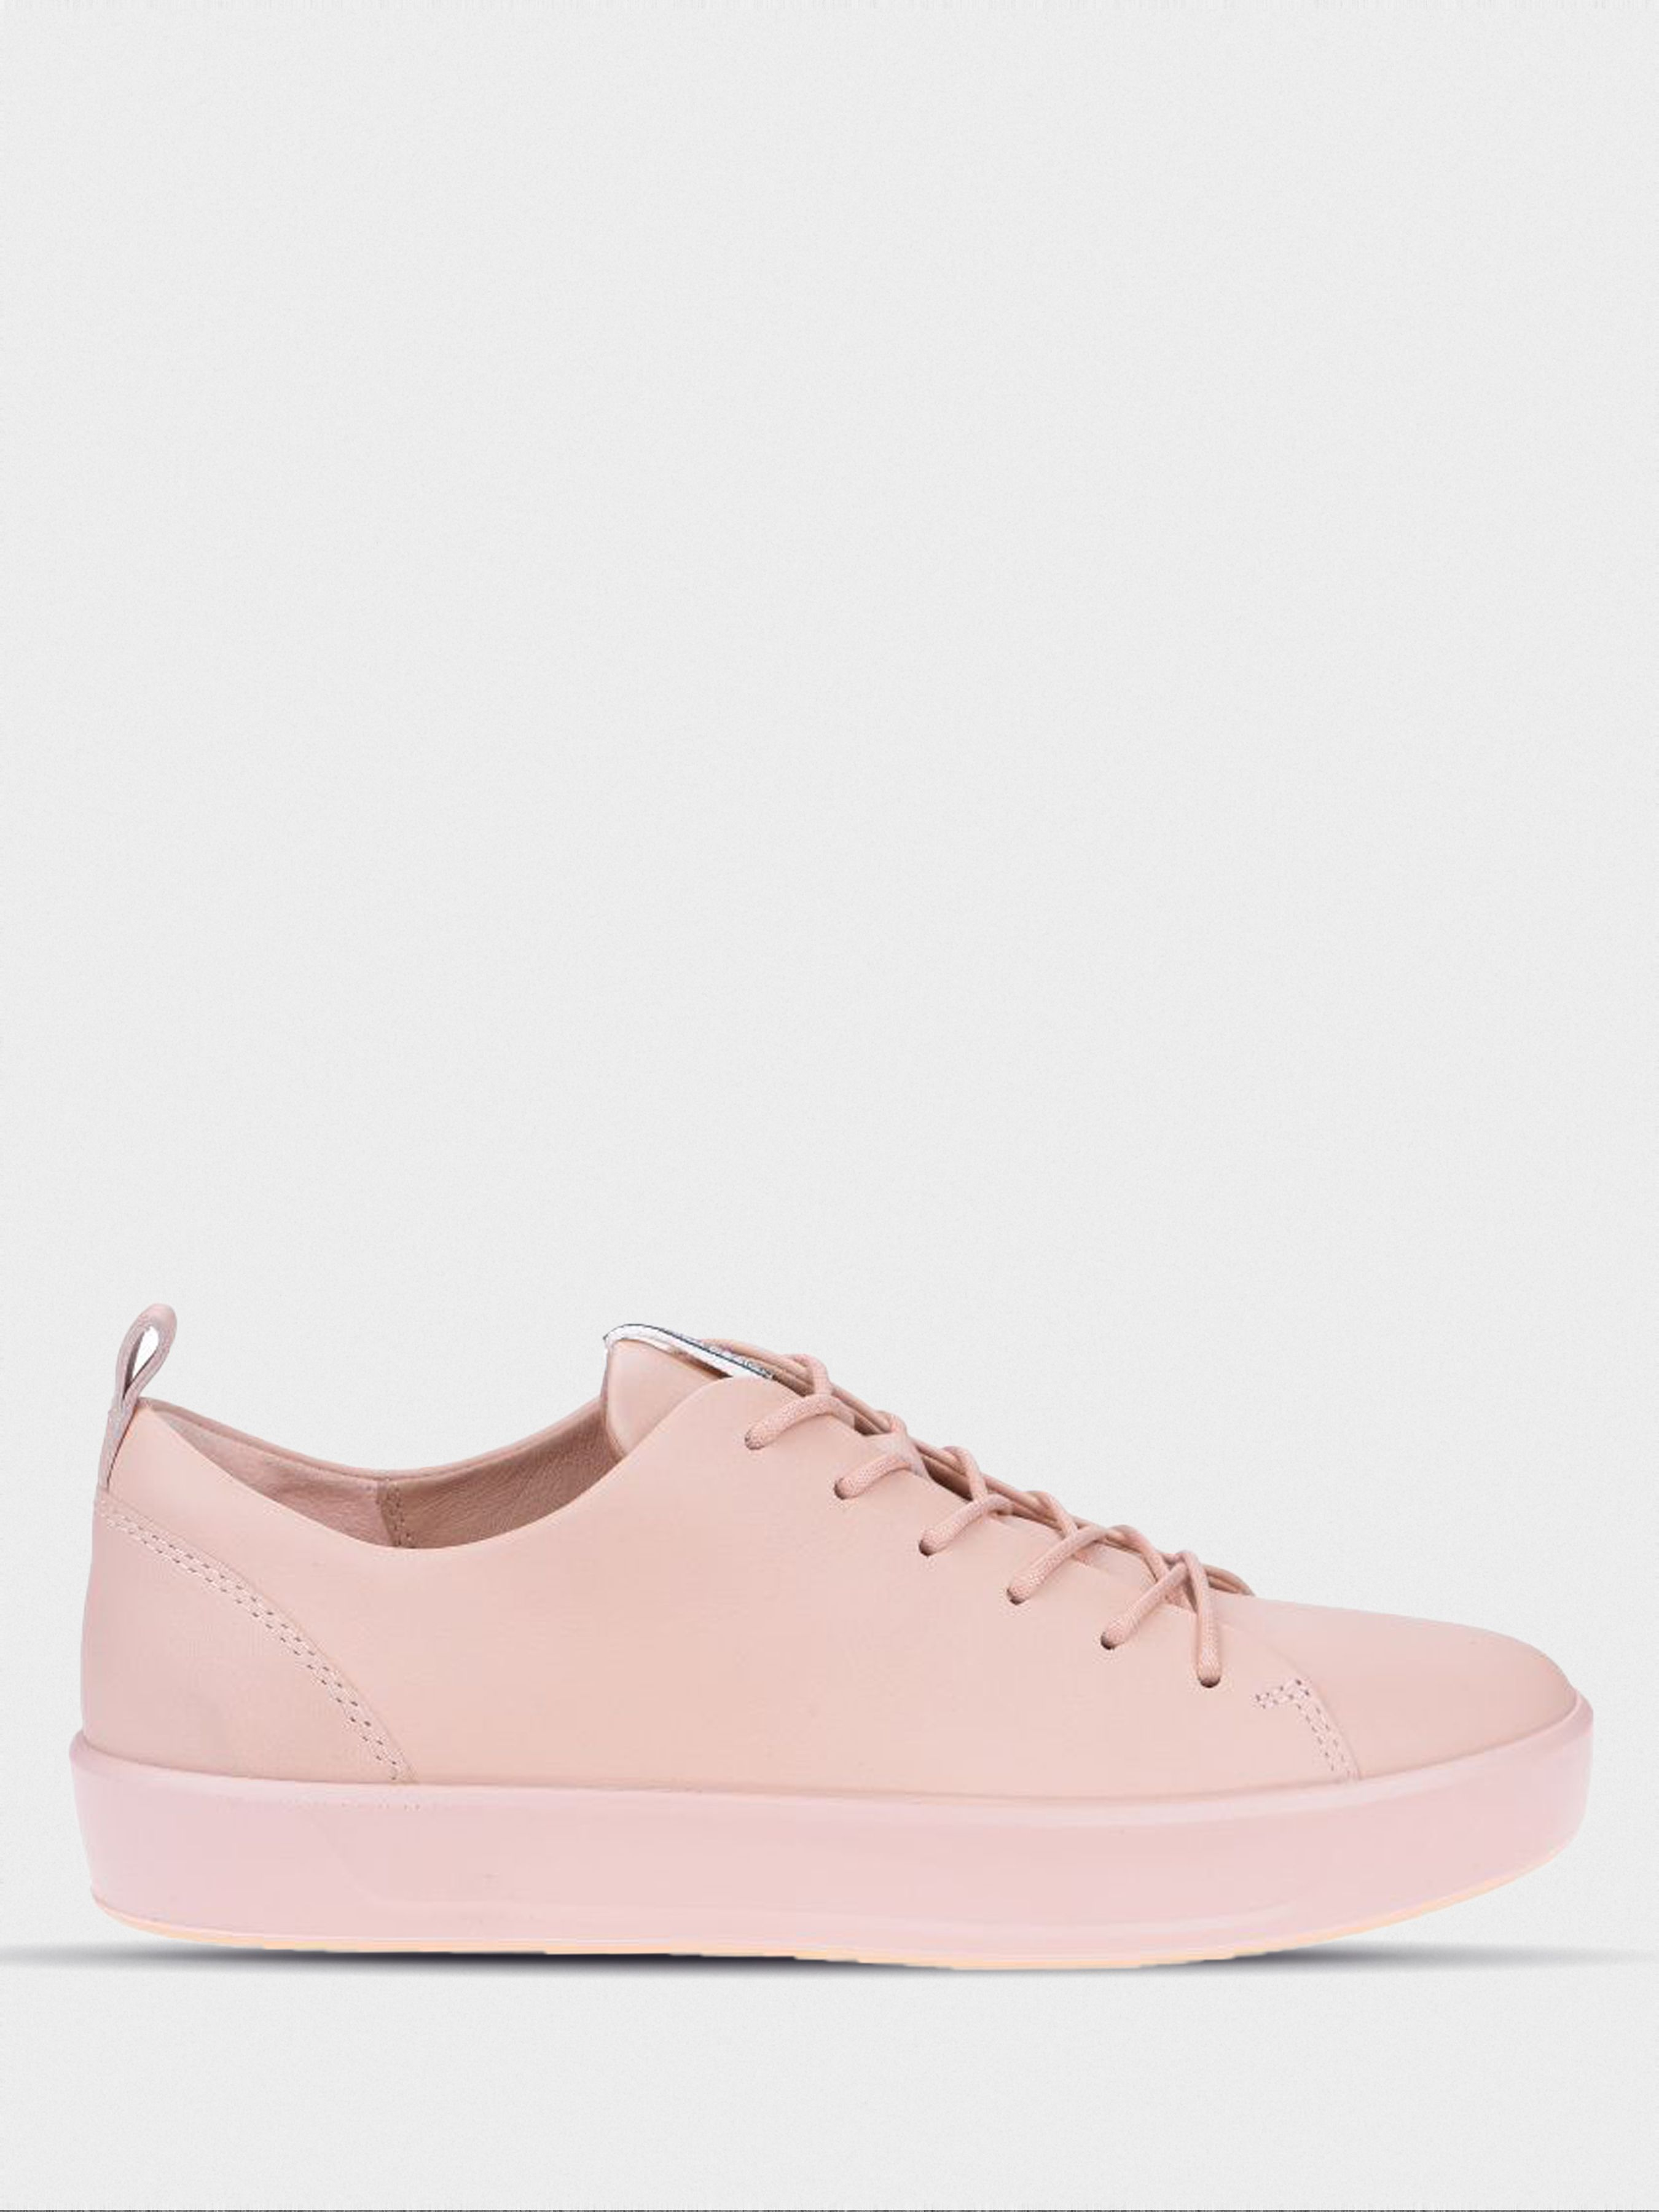 Купить Полуботинки женские ECCO SOFT 8 LADIES ZW5938, Розовый